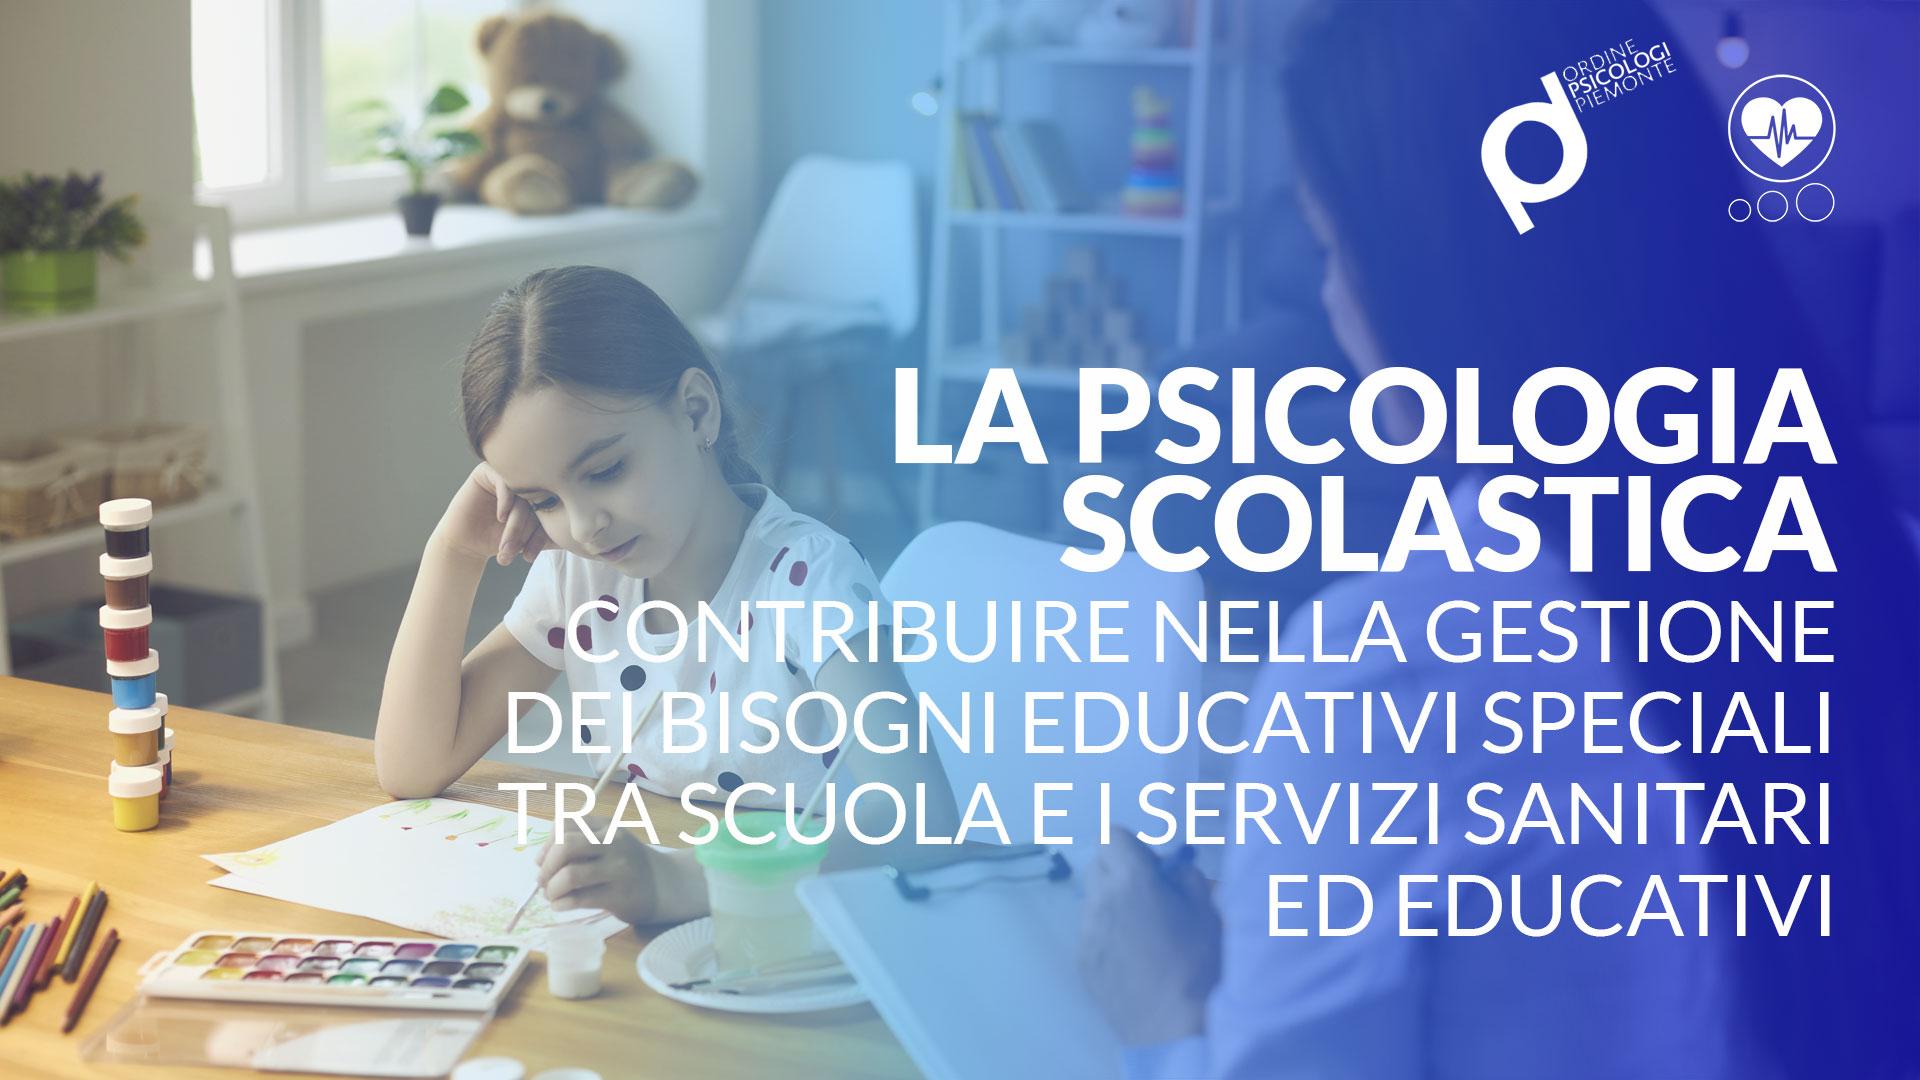 LA PSICOLOGIA SCOLASTICA: CONTRIBUIRE NELLA GESTIONE DEI BISOGNI EDUCATIVI SPECIALI TRA SCUOLA E I SERVIZI SANITARI ED EDUCATIVI